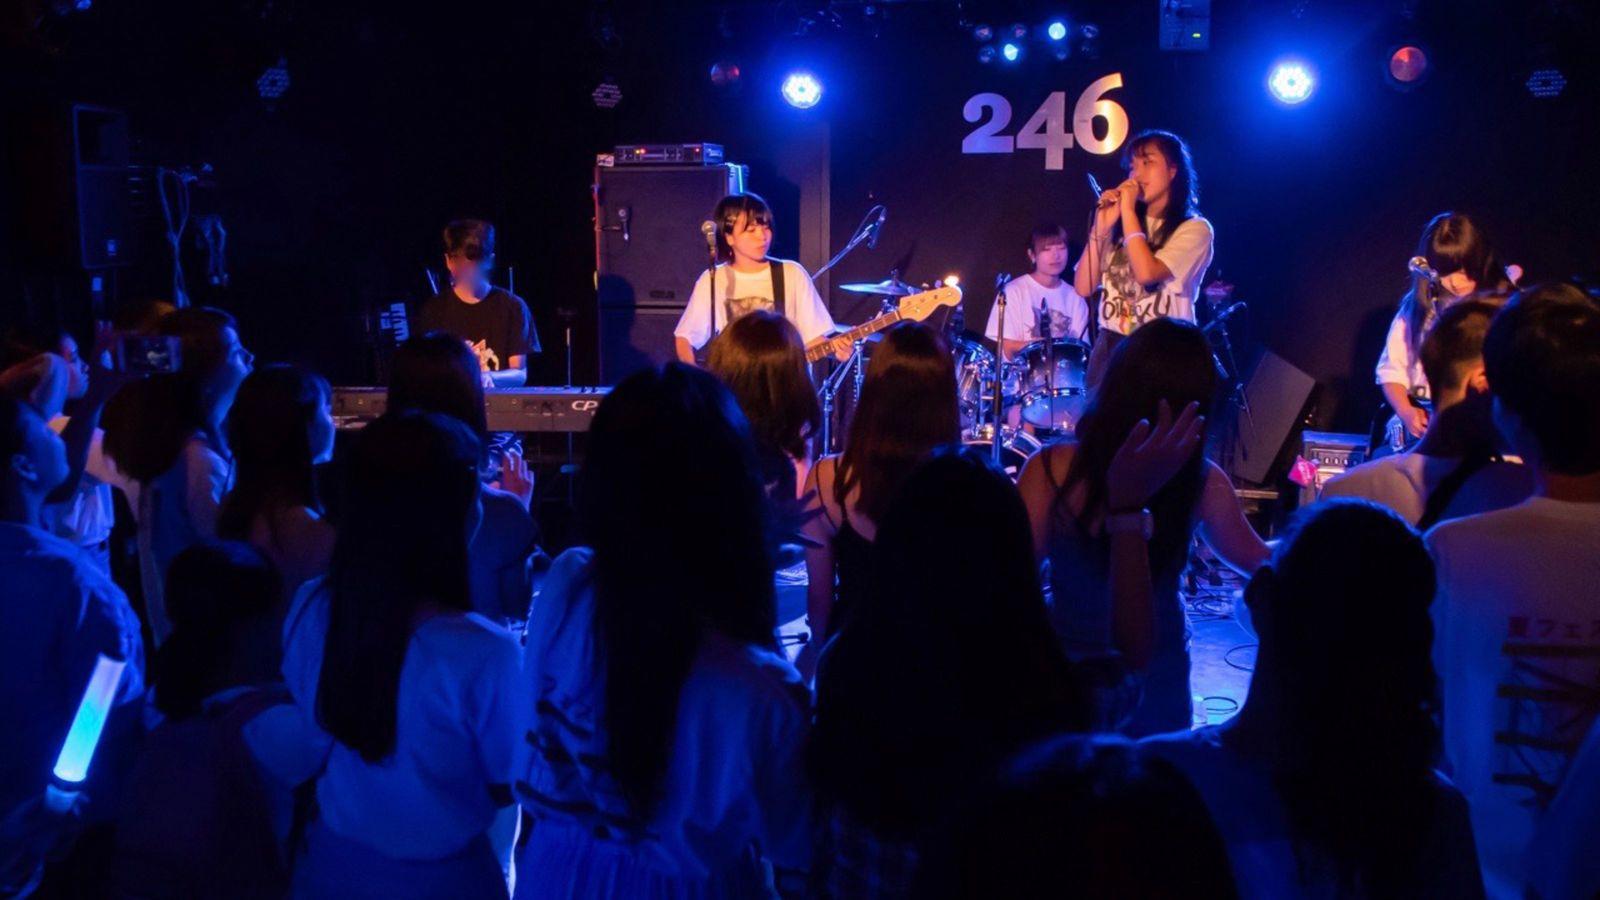 マーケティングを学んだ女子高生バンドの奇跡 夏フェスで京都アニメーション応援